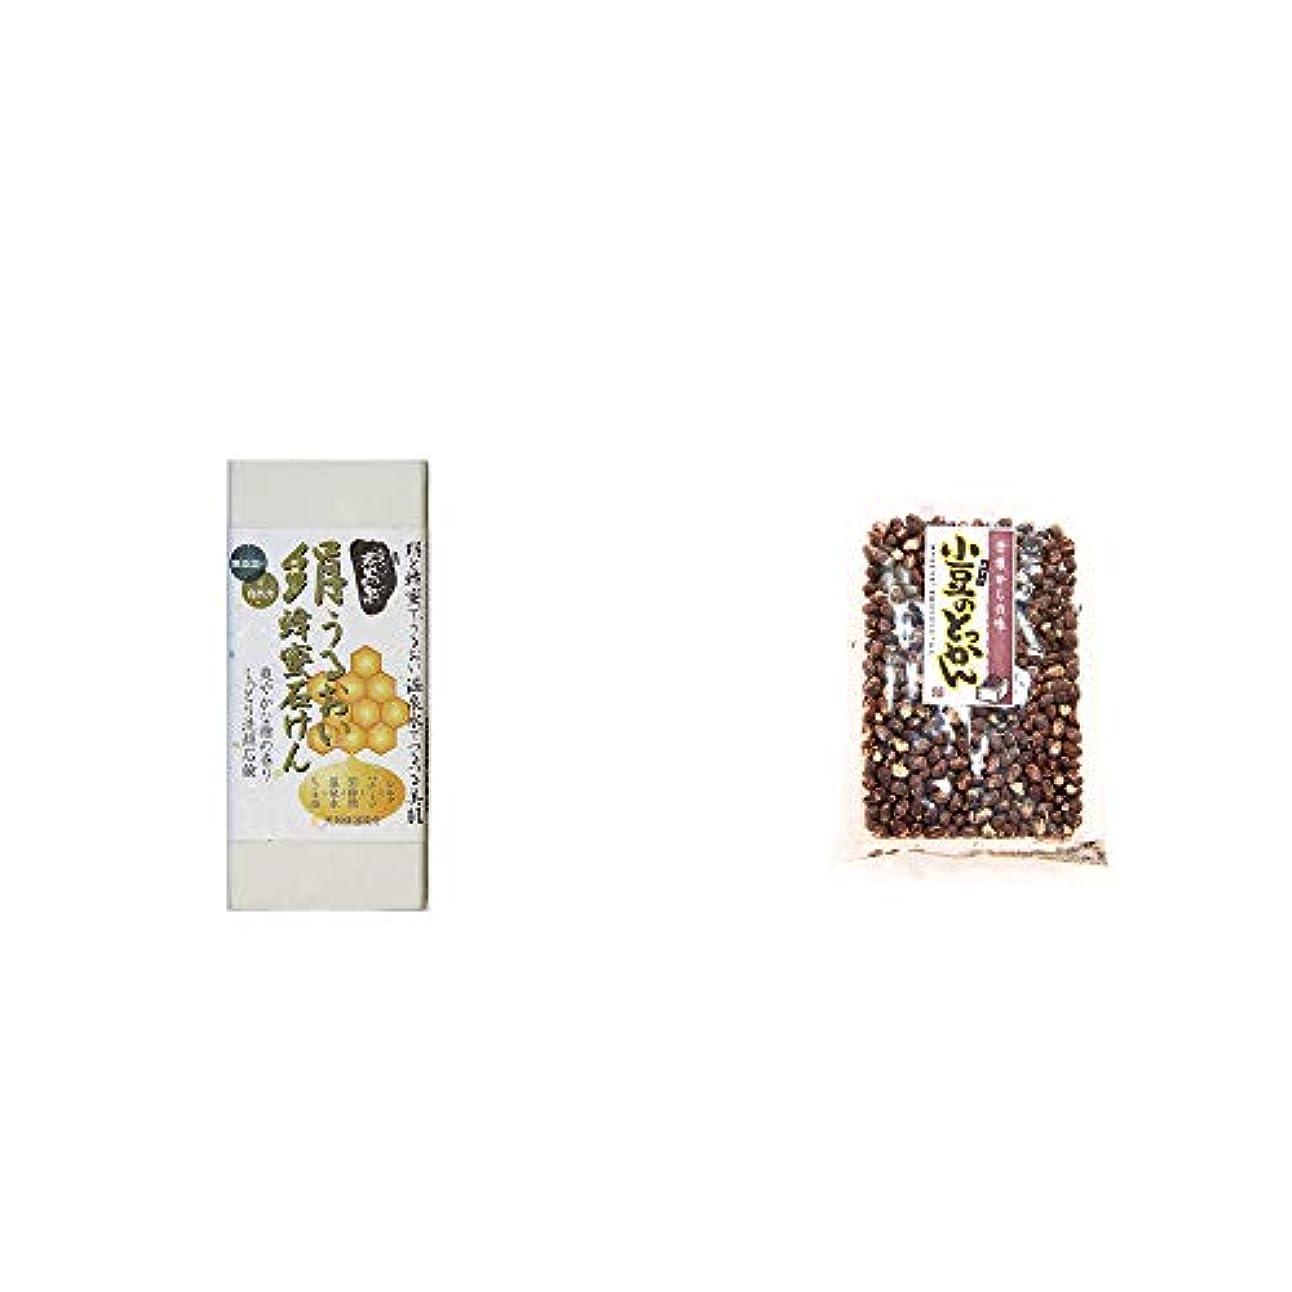 バンケット知らせる懲らしめ[2点セット] ひのき炭黒泉 絹うるおい蜂蜜石けん(75g×2)?小豆のとっかん(150g)